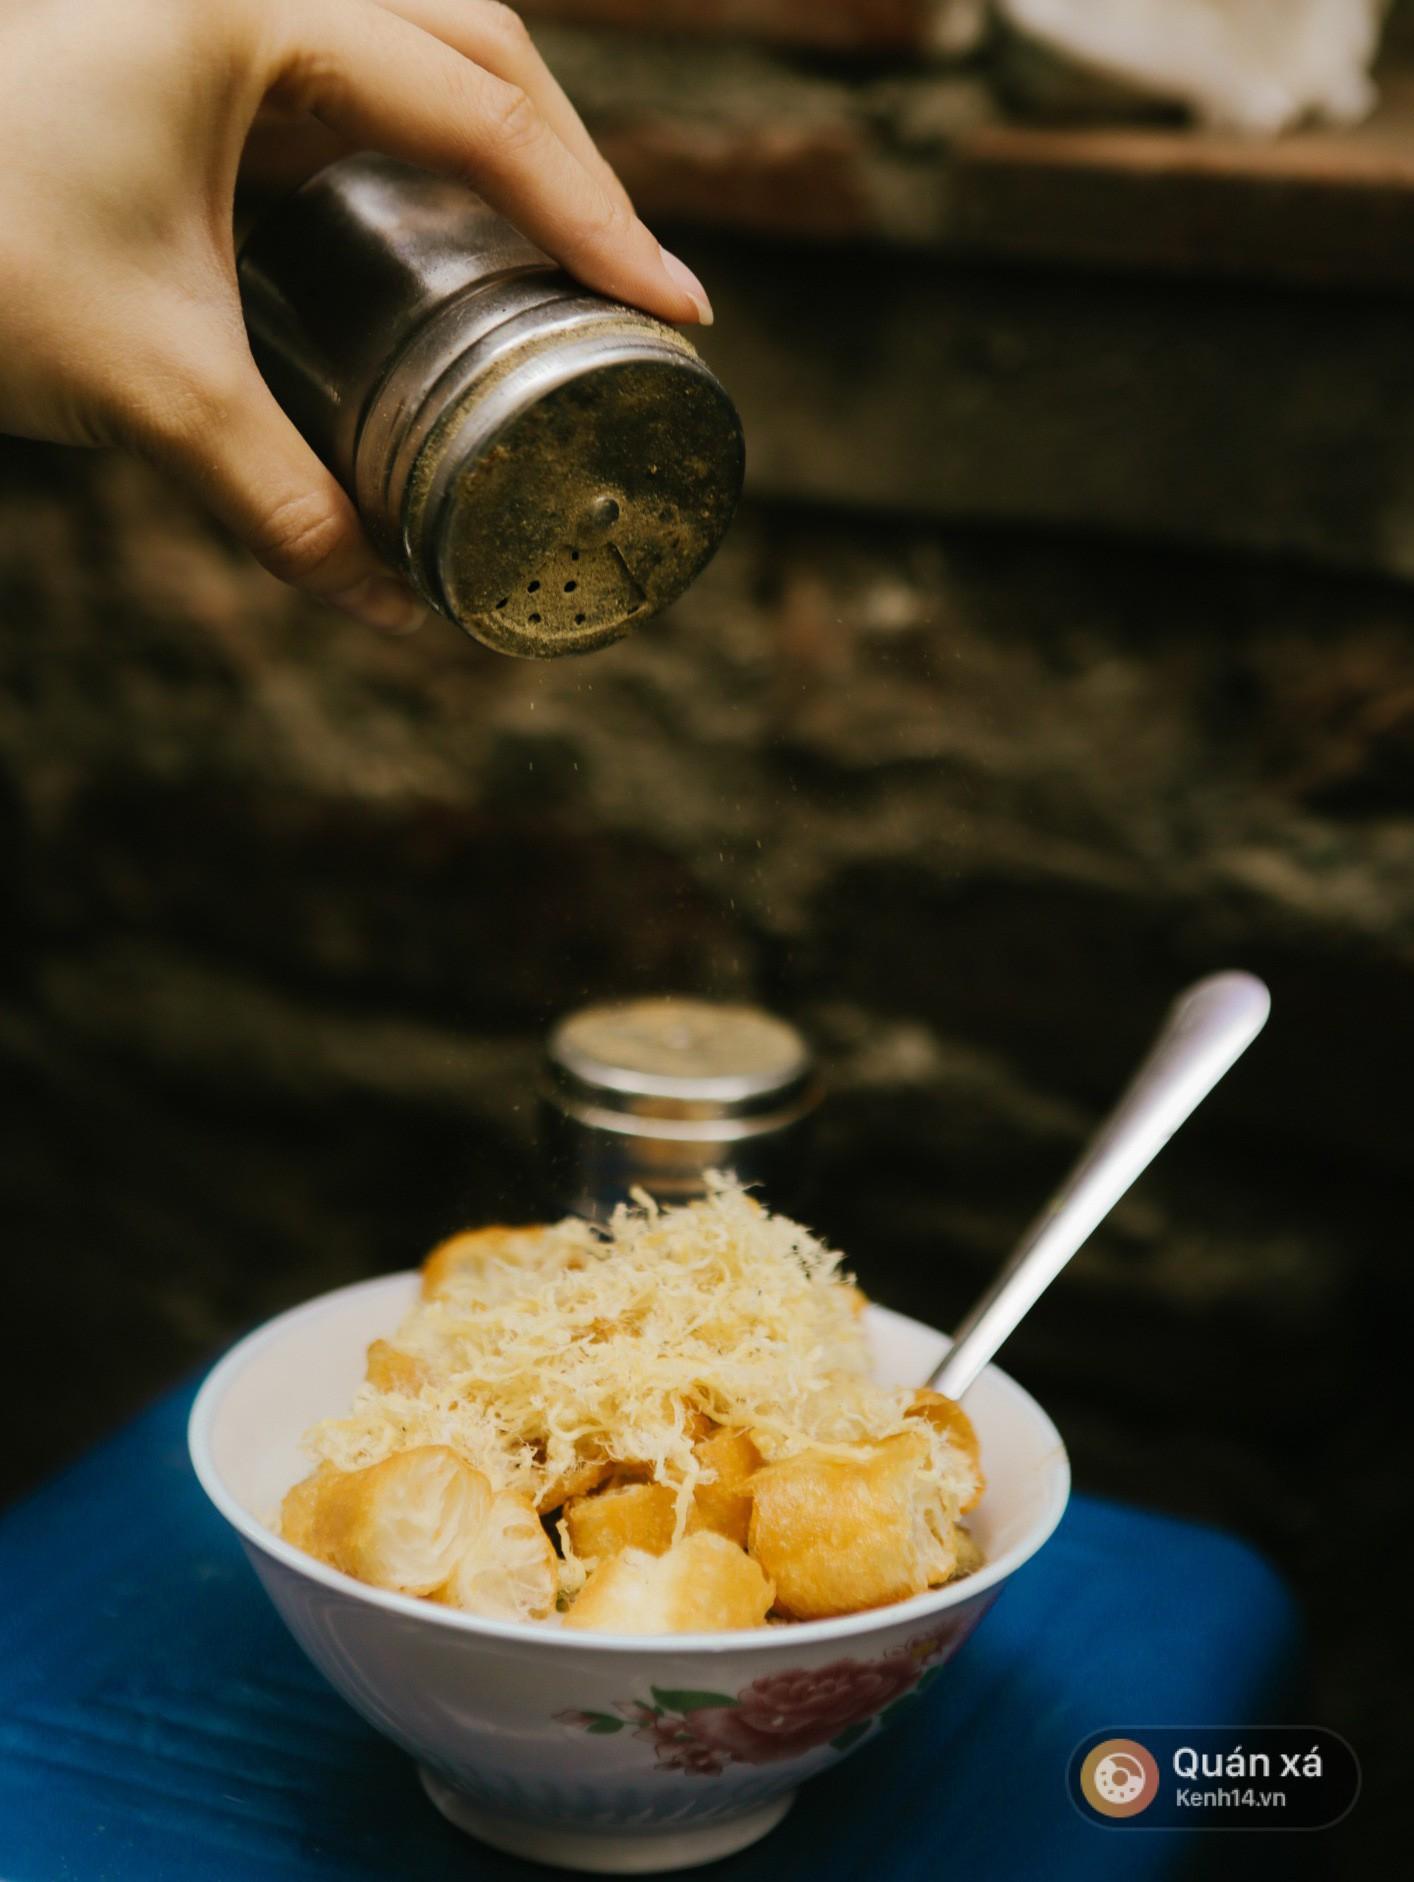 Tuyển tập các món mùa đông năm nào cũng nhớ: chỉ từ 10k mà ăn tẹt ga - Ảnh 12.